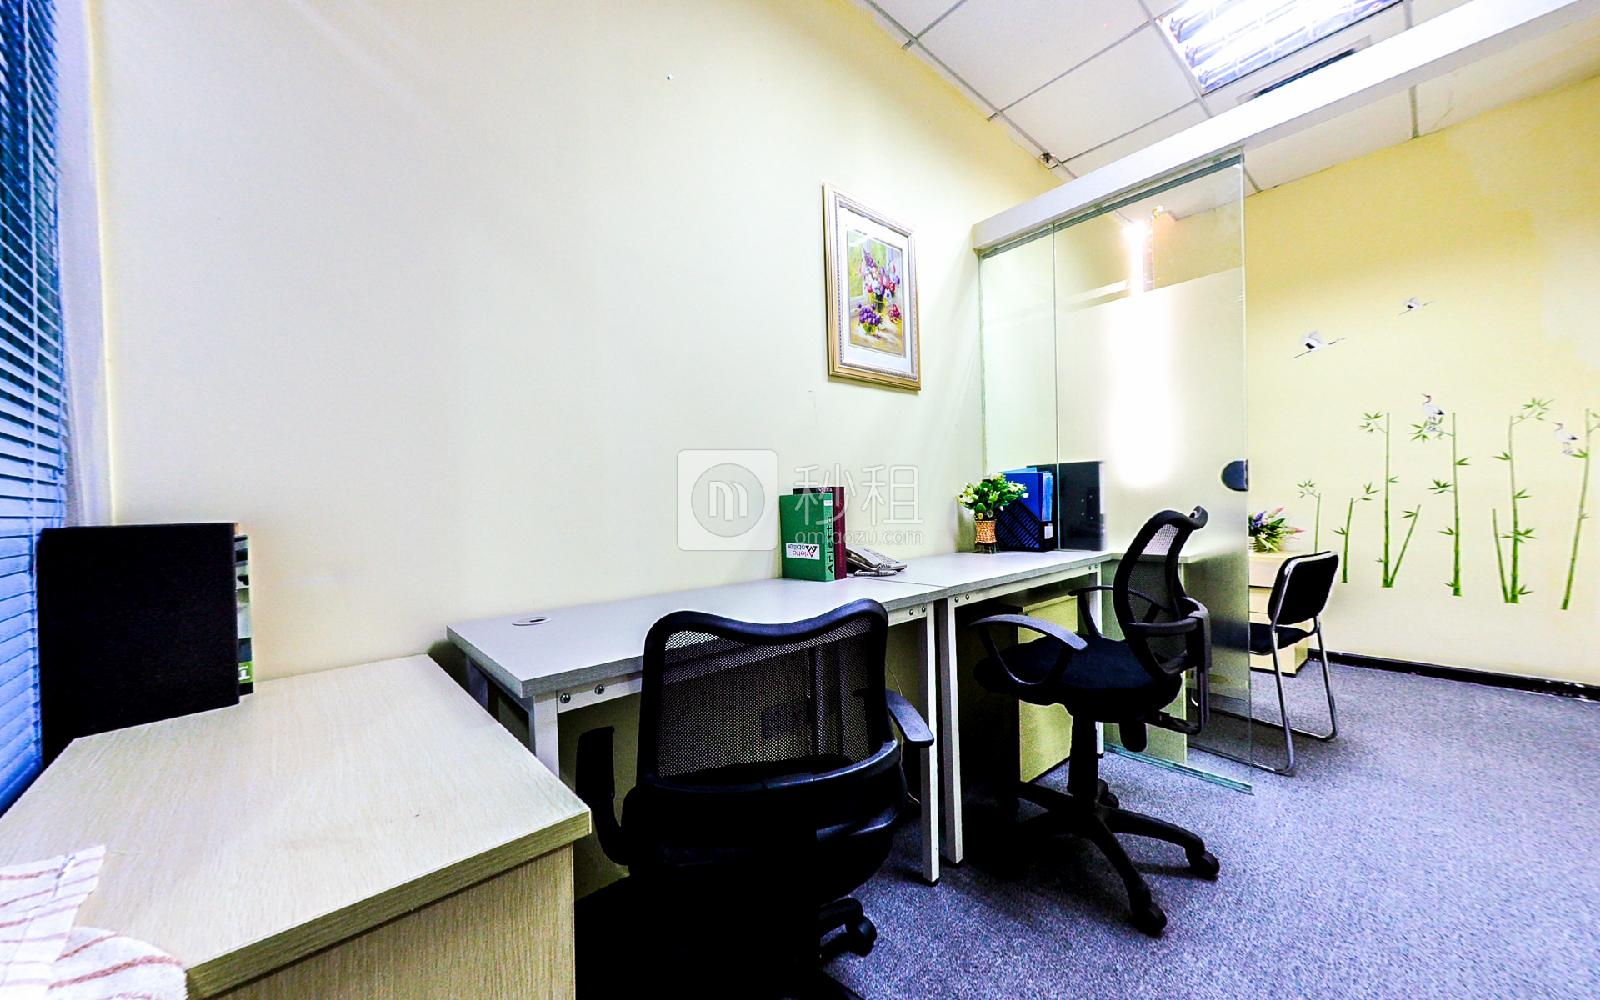 海外联谊大厦-创富港写字楼出租9平米精装办公室2790元/间.月